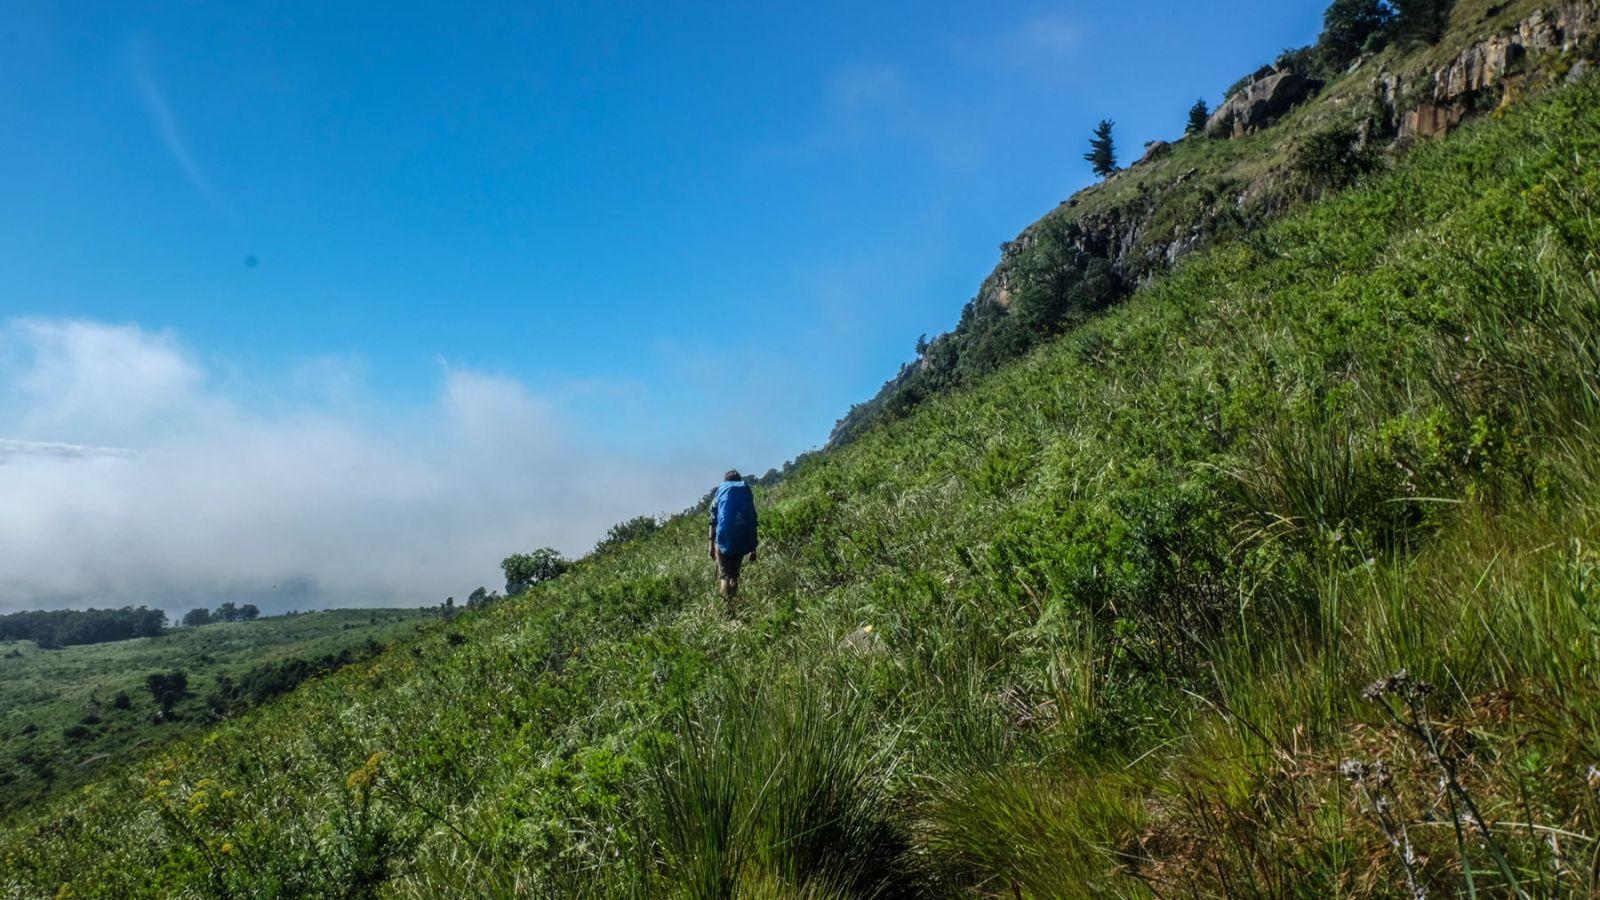 a photo of a hiker walking on the amathole hiking trail.